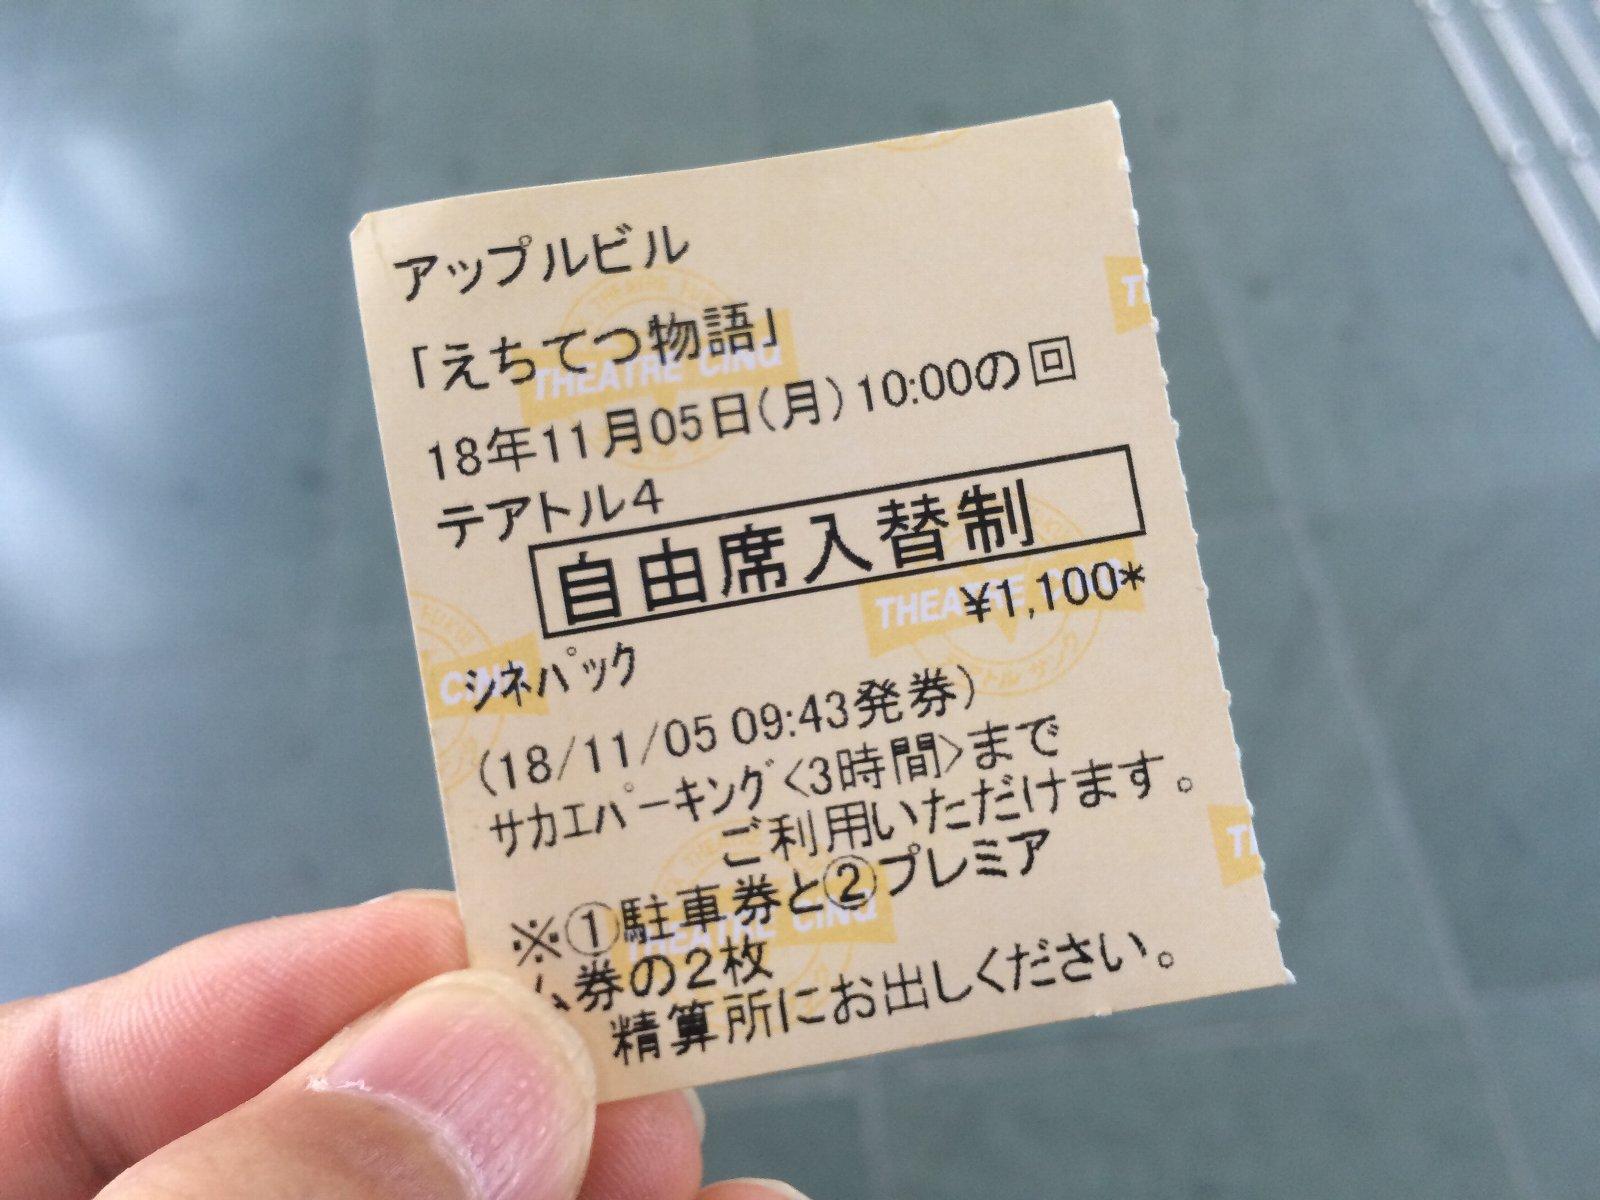 20181105 『えちてつ物語』チケット